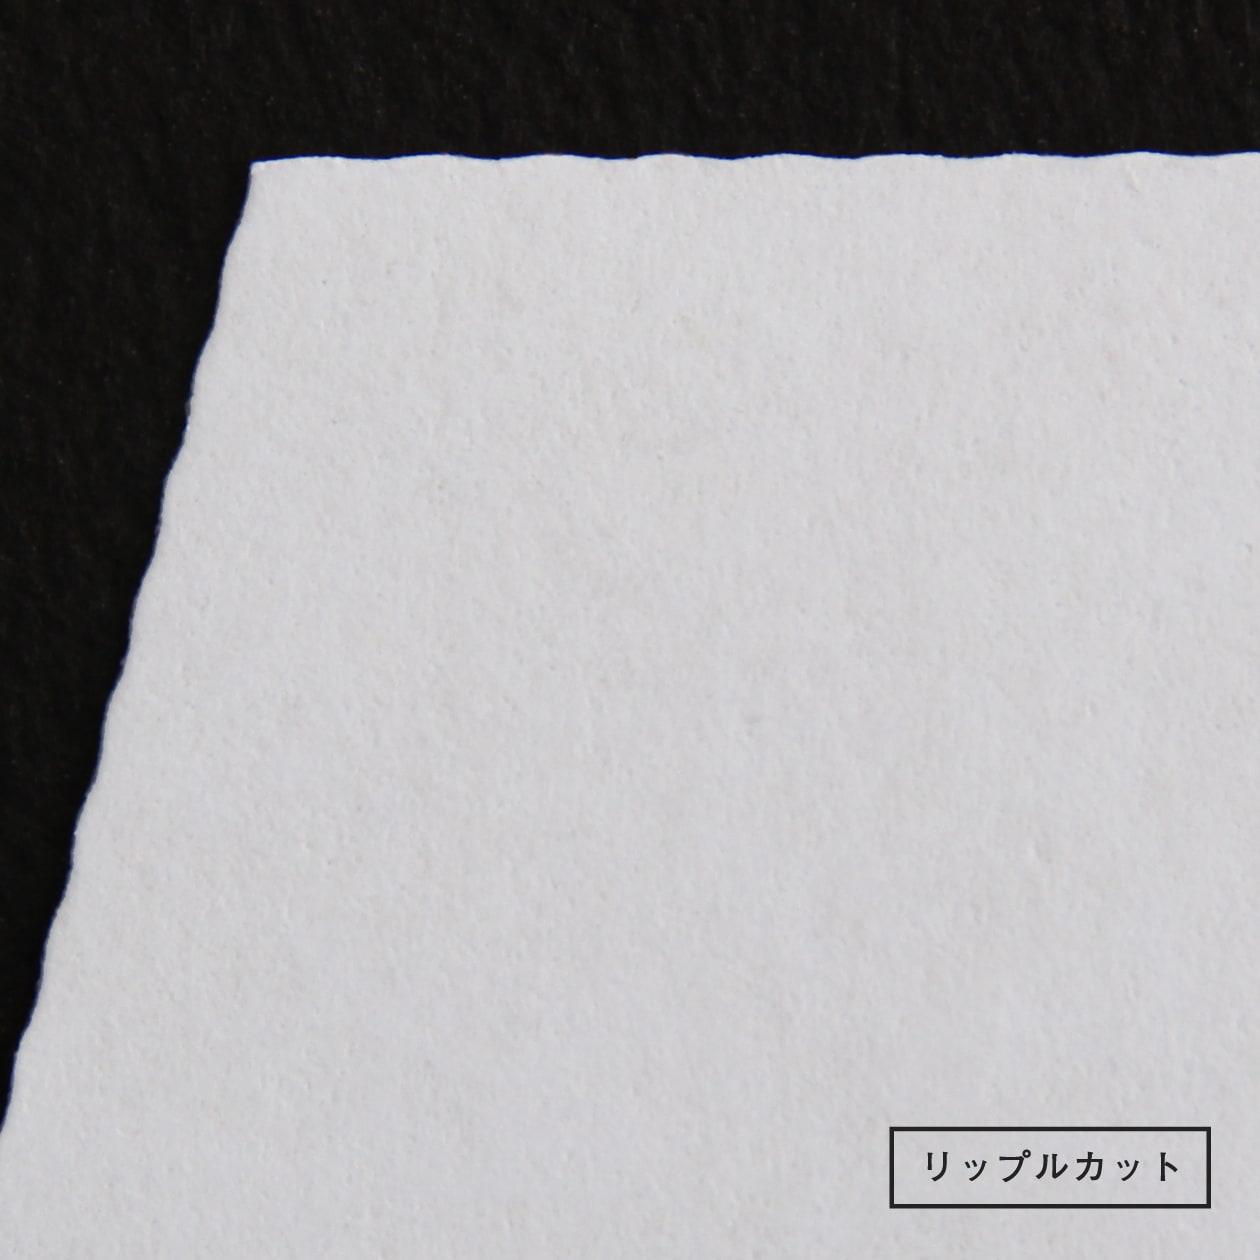 角2封筒 ケントオペーク 100g